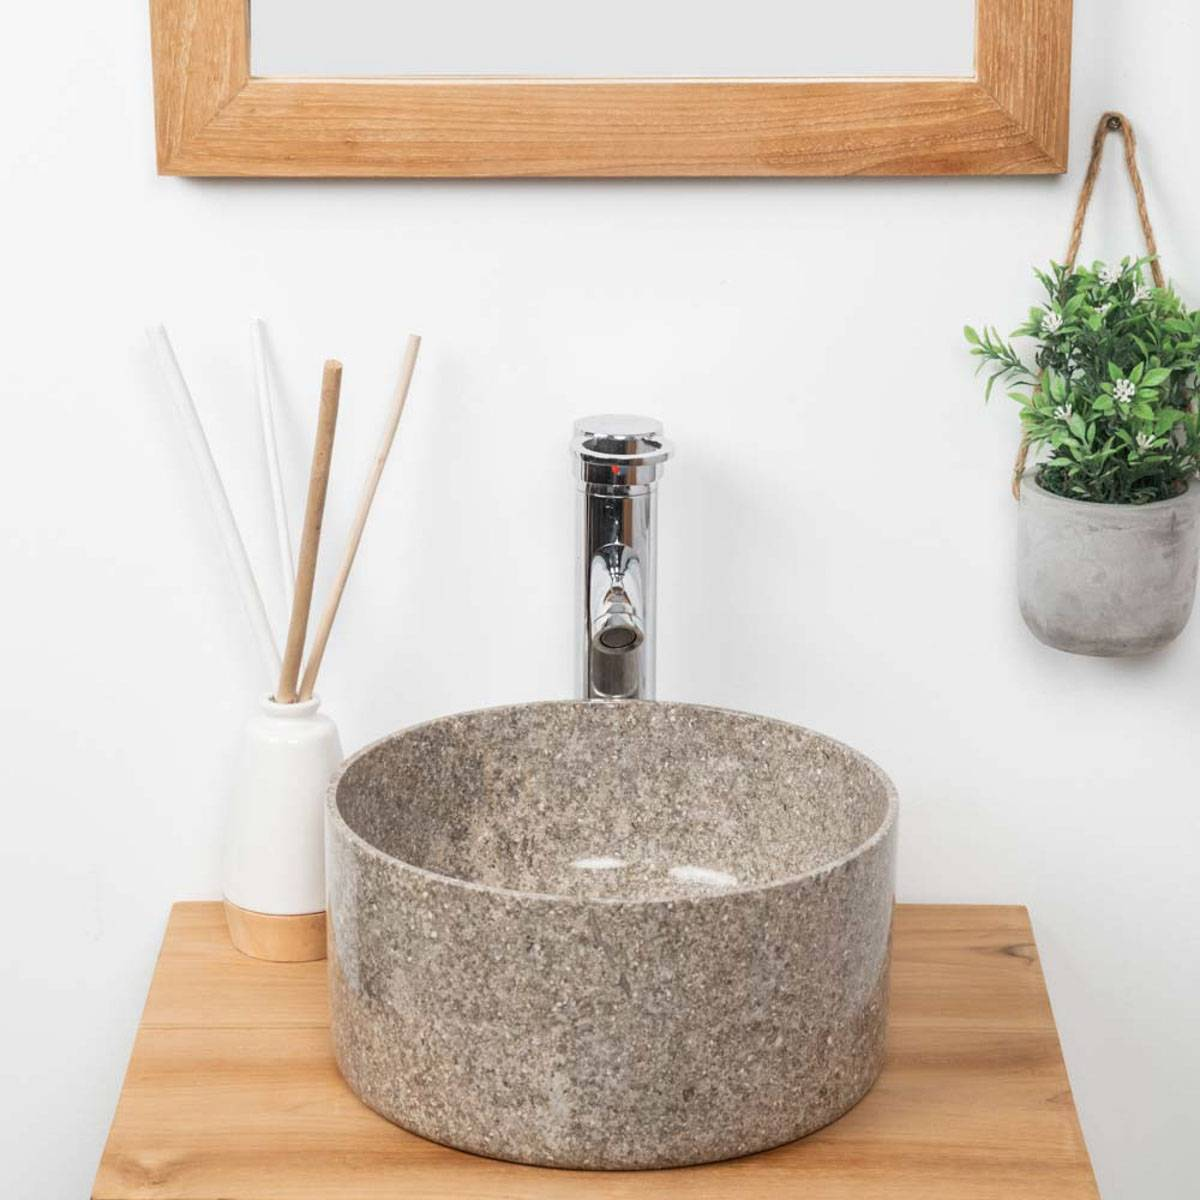 Wanda Collection vasque en marbre ronde pour salle de bain Ulysse 30 cm gris